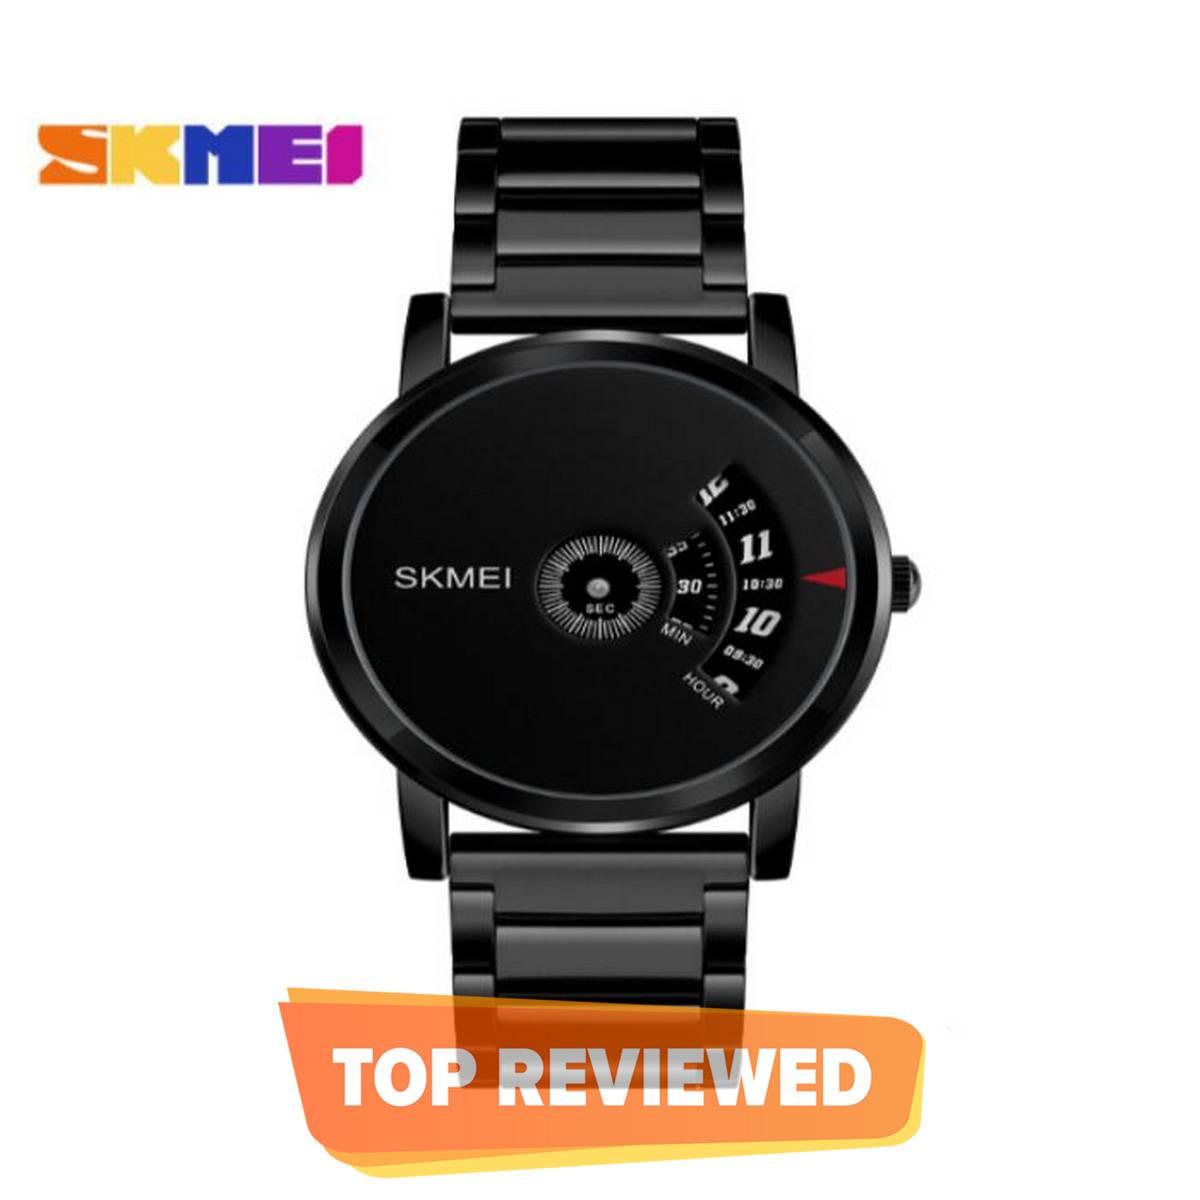 Skmei Dg1260 Stainless Steel Quartz Watch For Men - Black